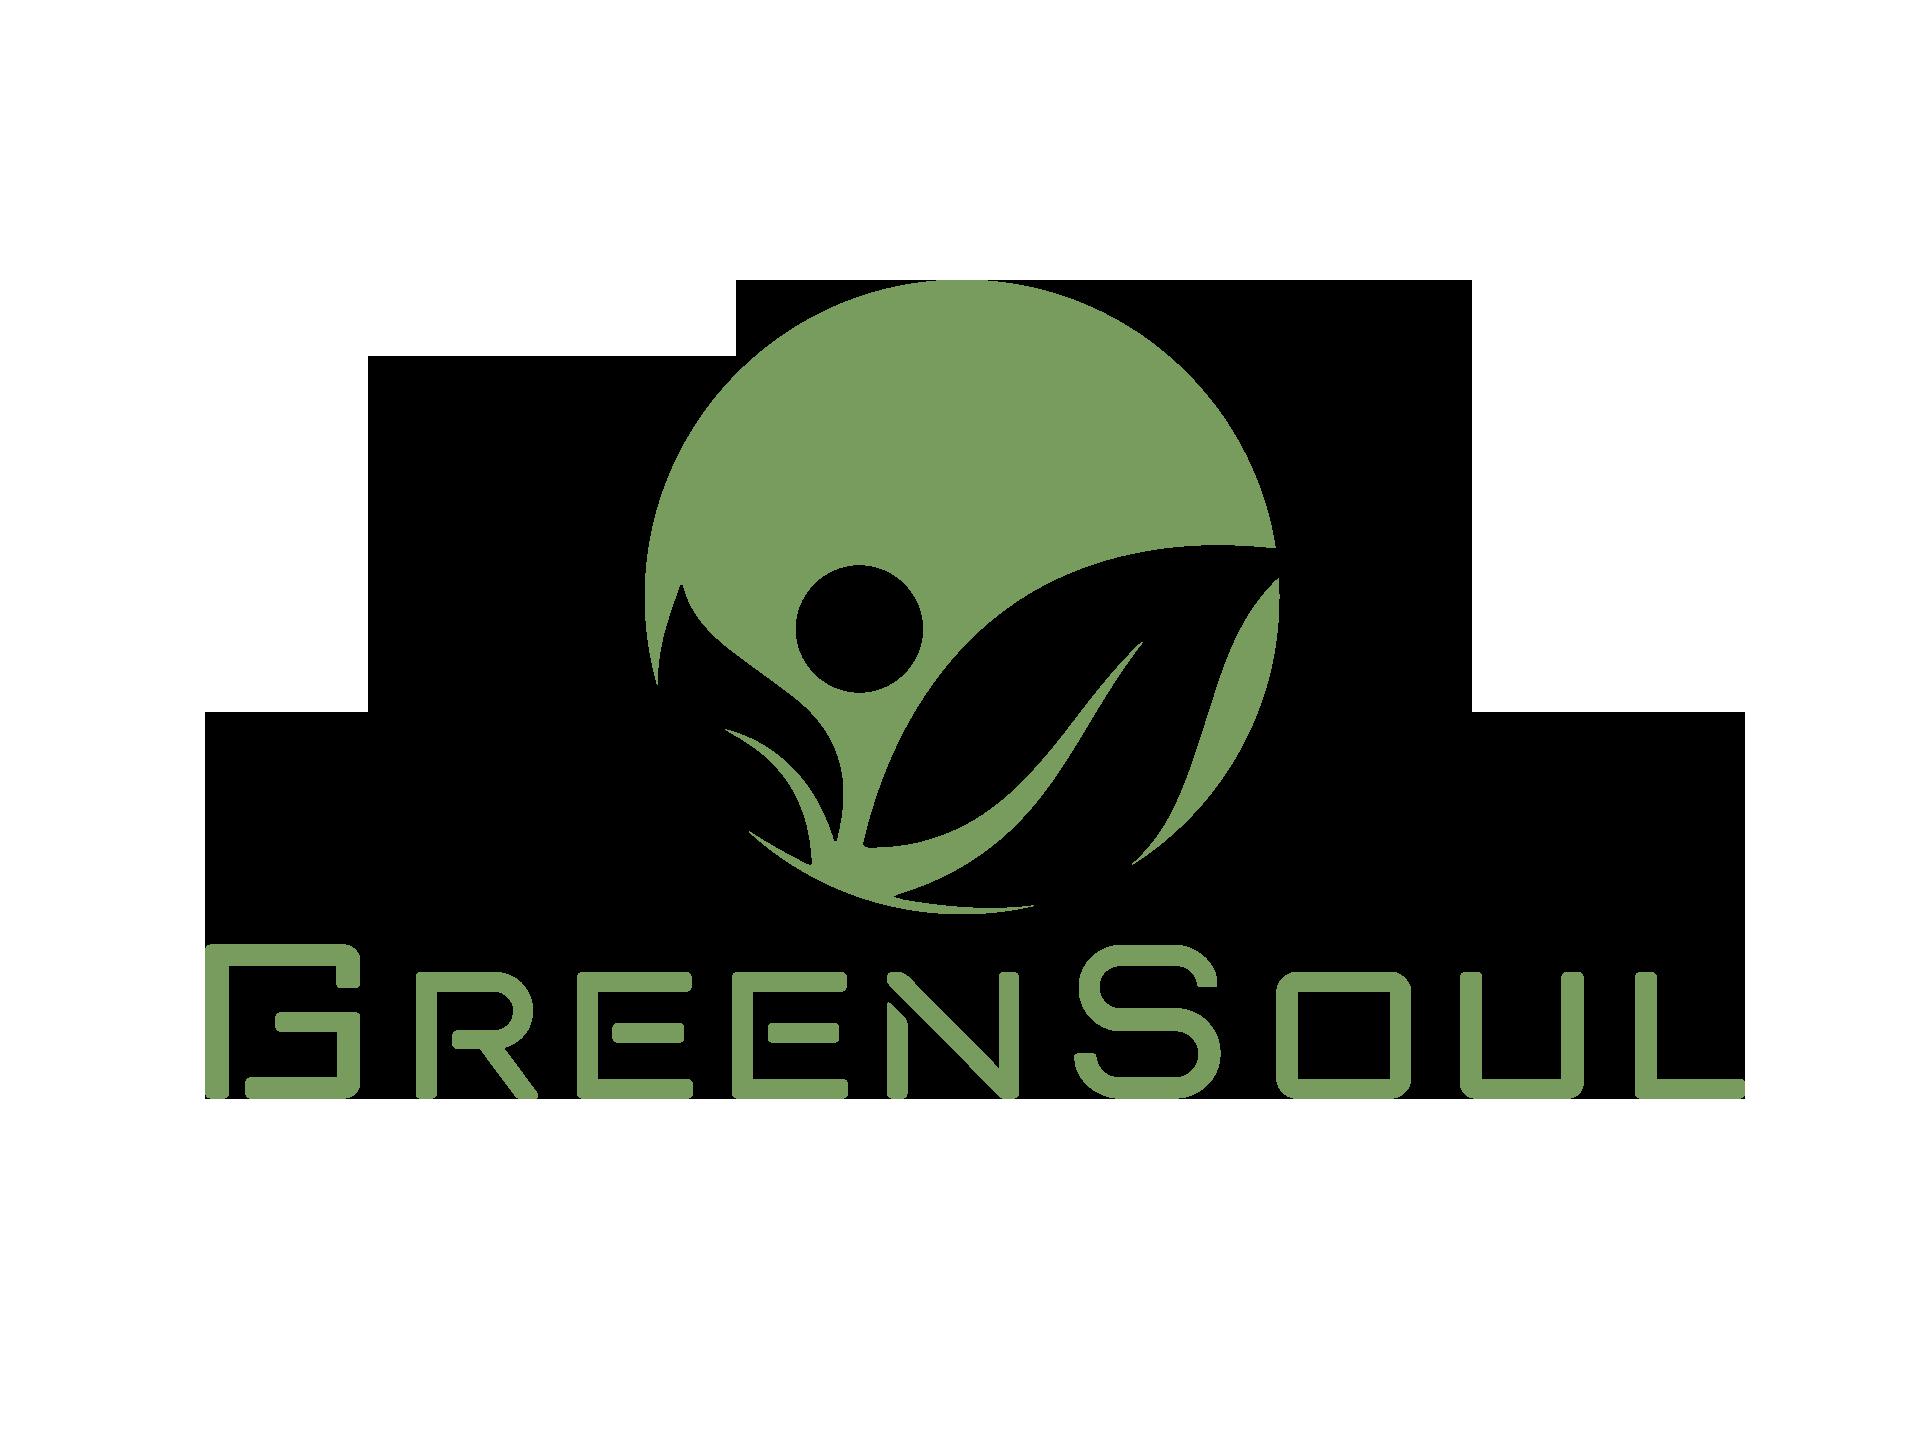 Tina Beermann - Greensoul - klinisk diætist i Aalborg med fokus på plantebaseret kost og bæredygtig livsstil